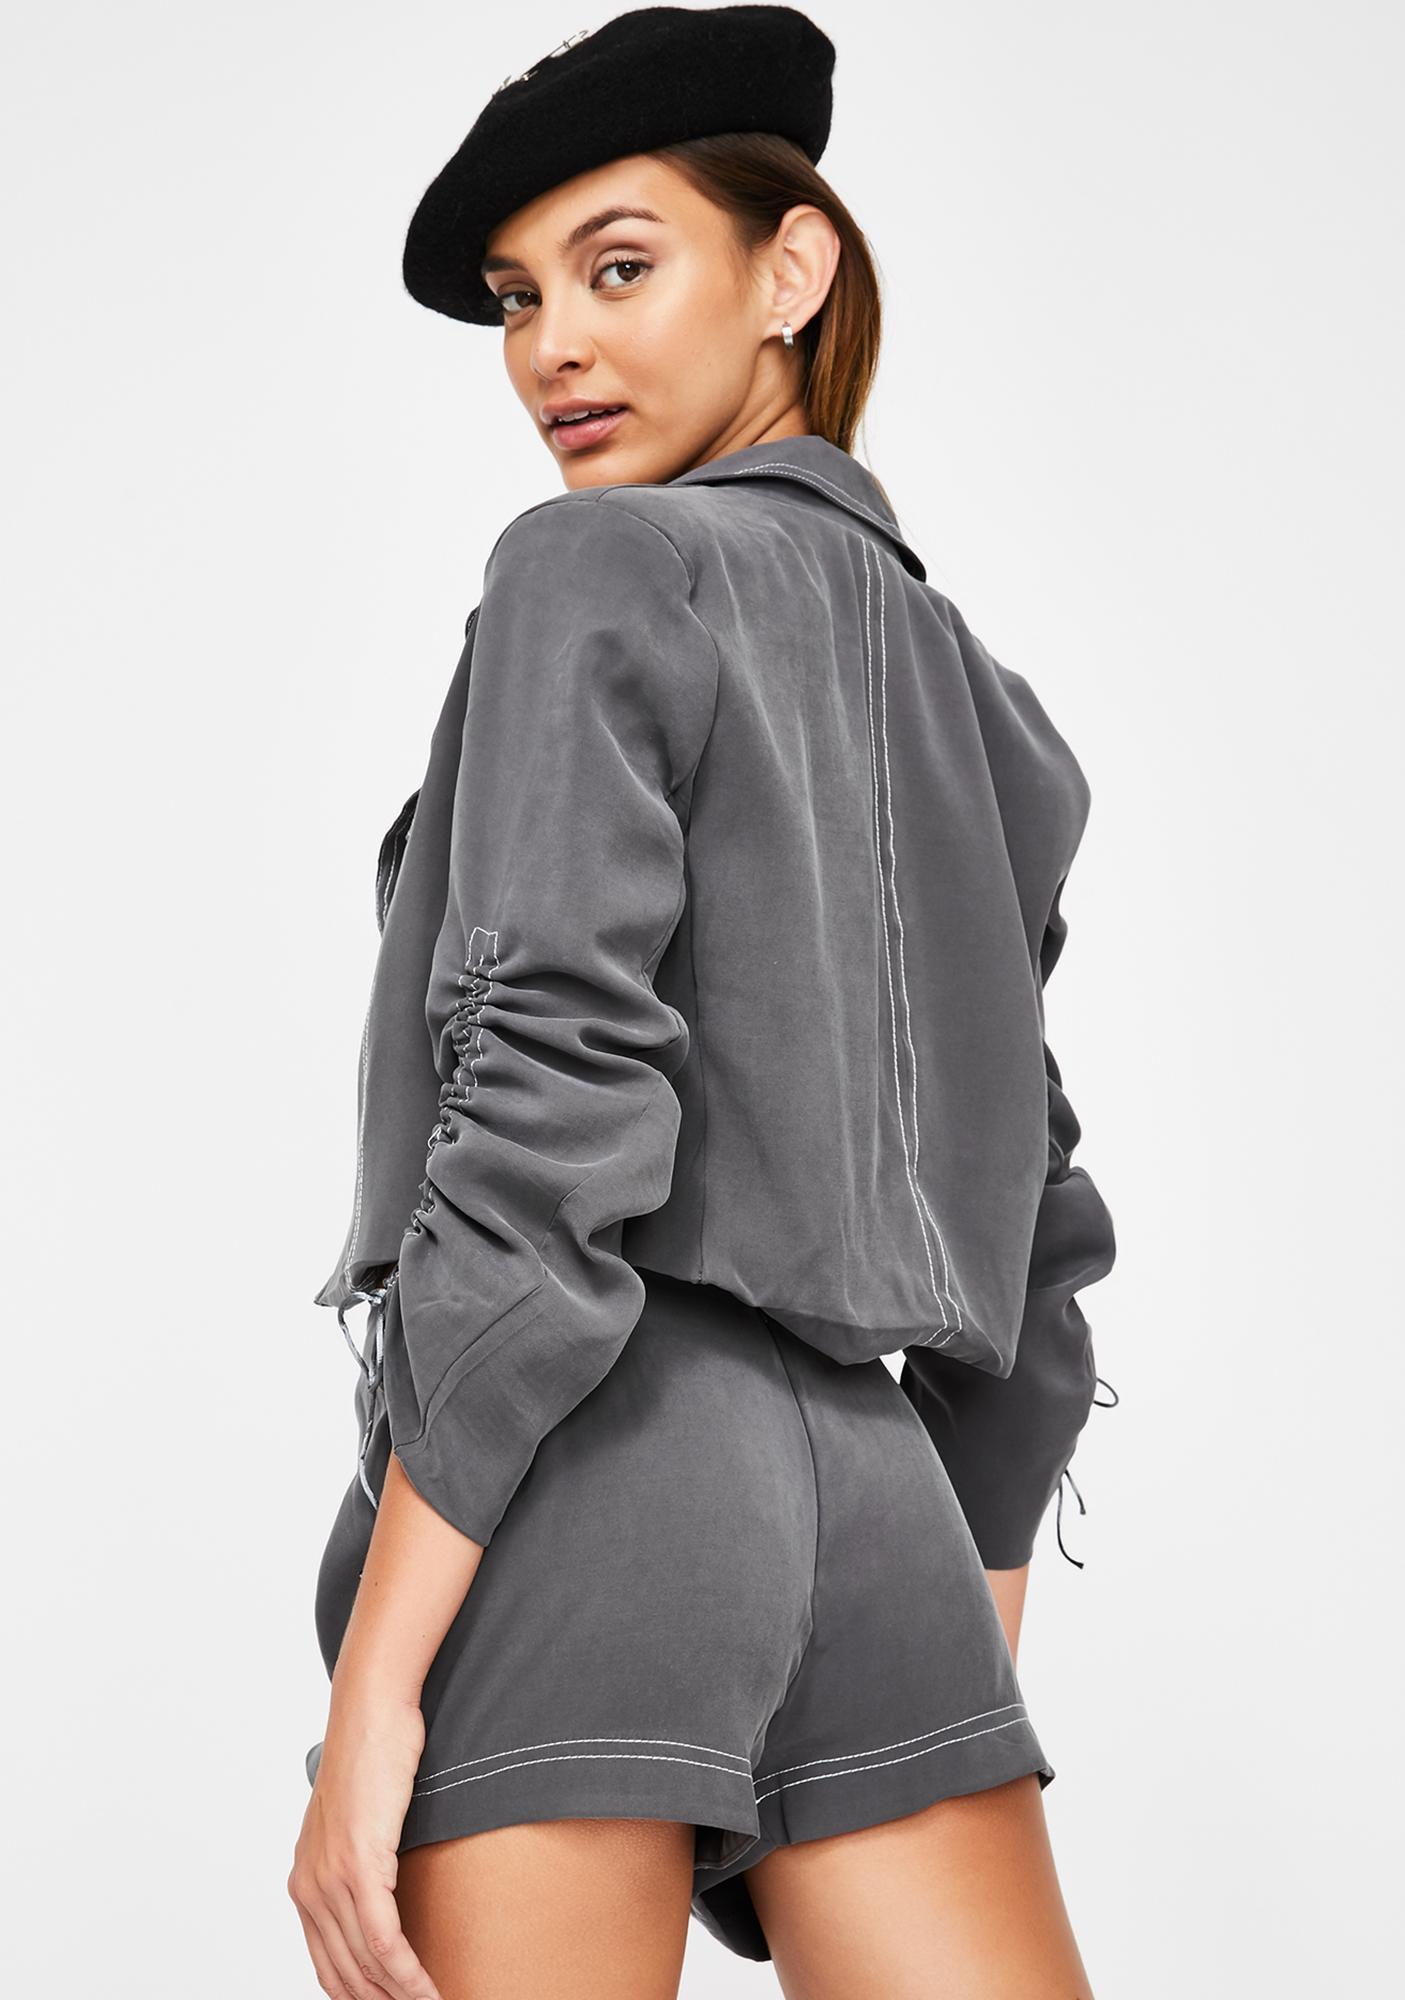 ZEMETA Stitched Ruffle Suit Set